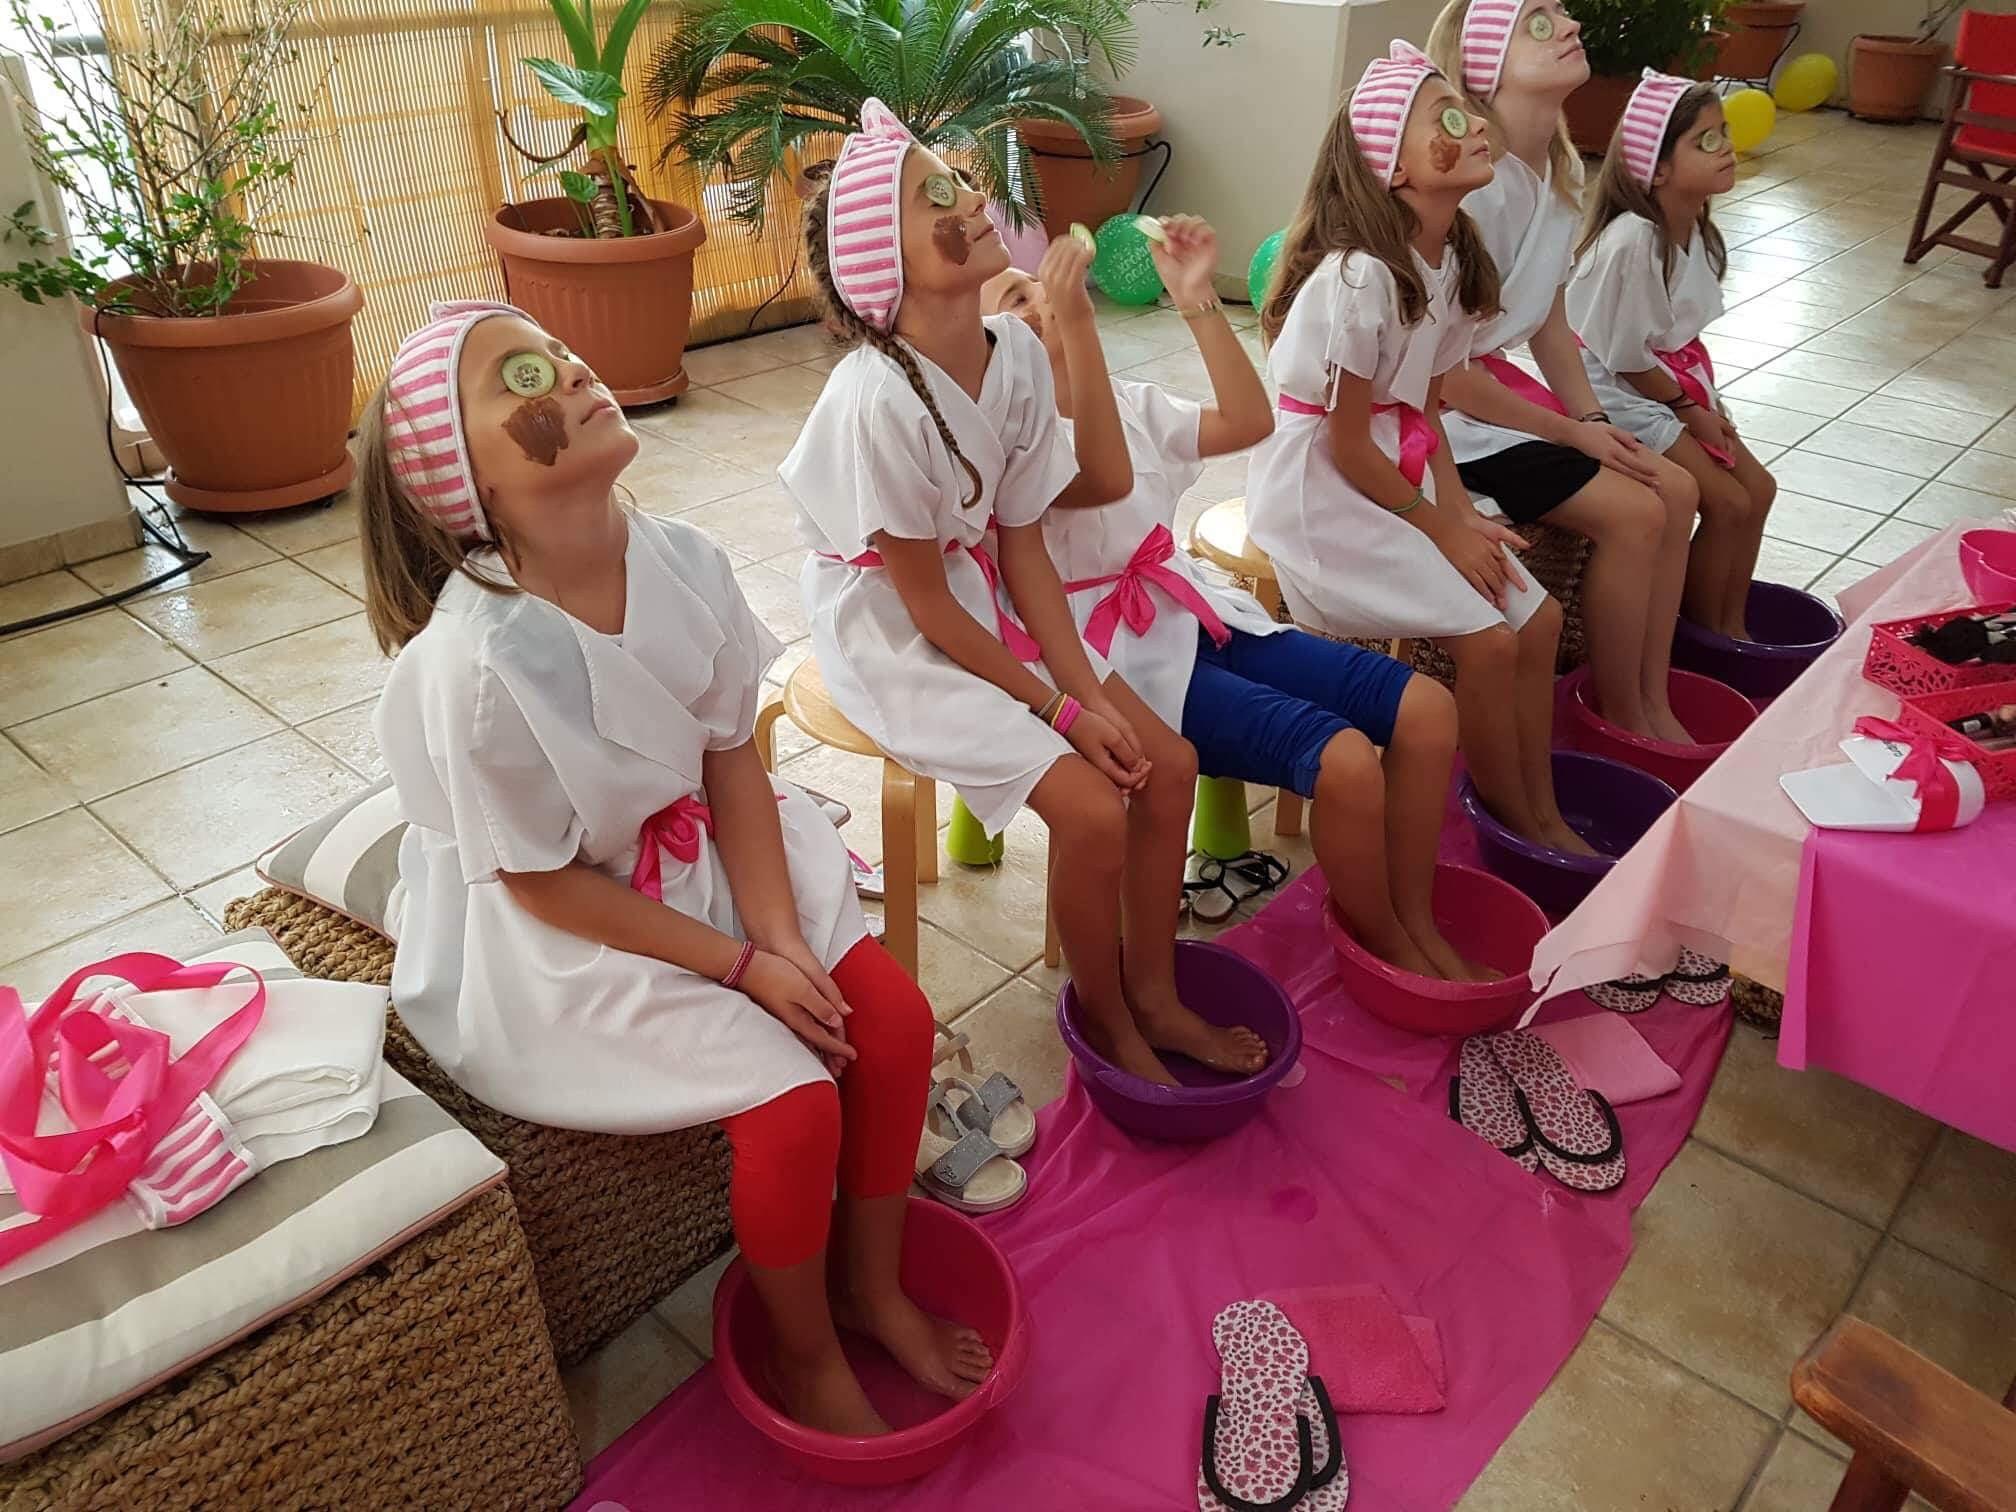 παιδικά πάρτυ σπα για κορίτσια